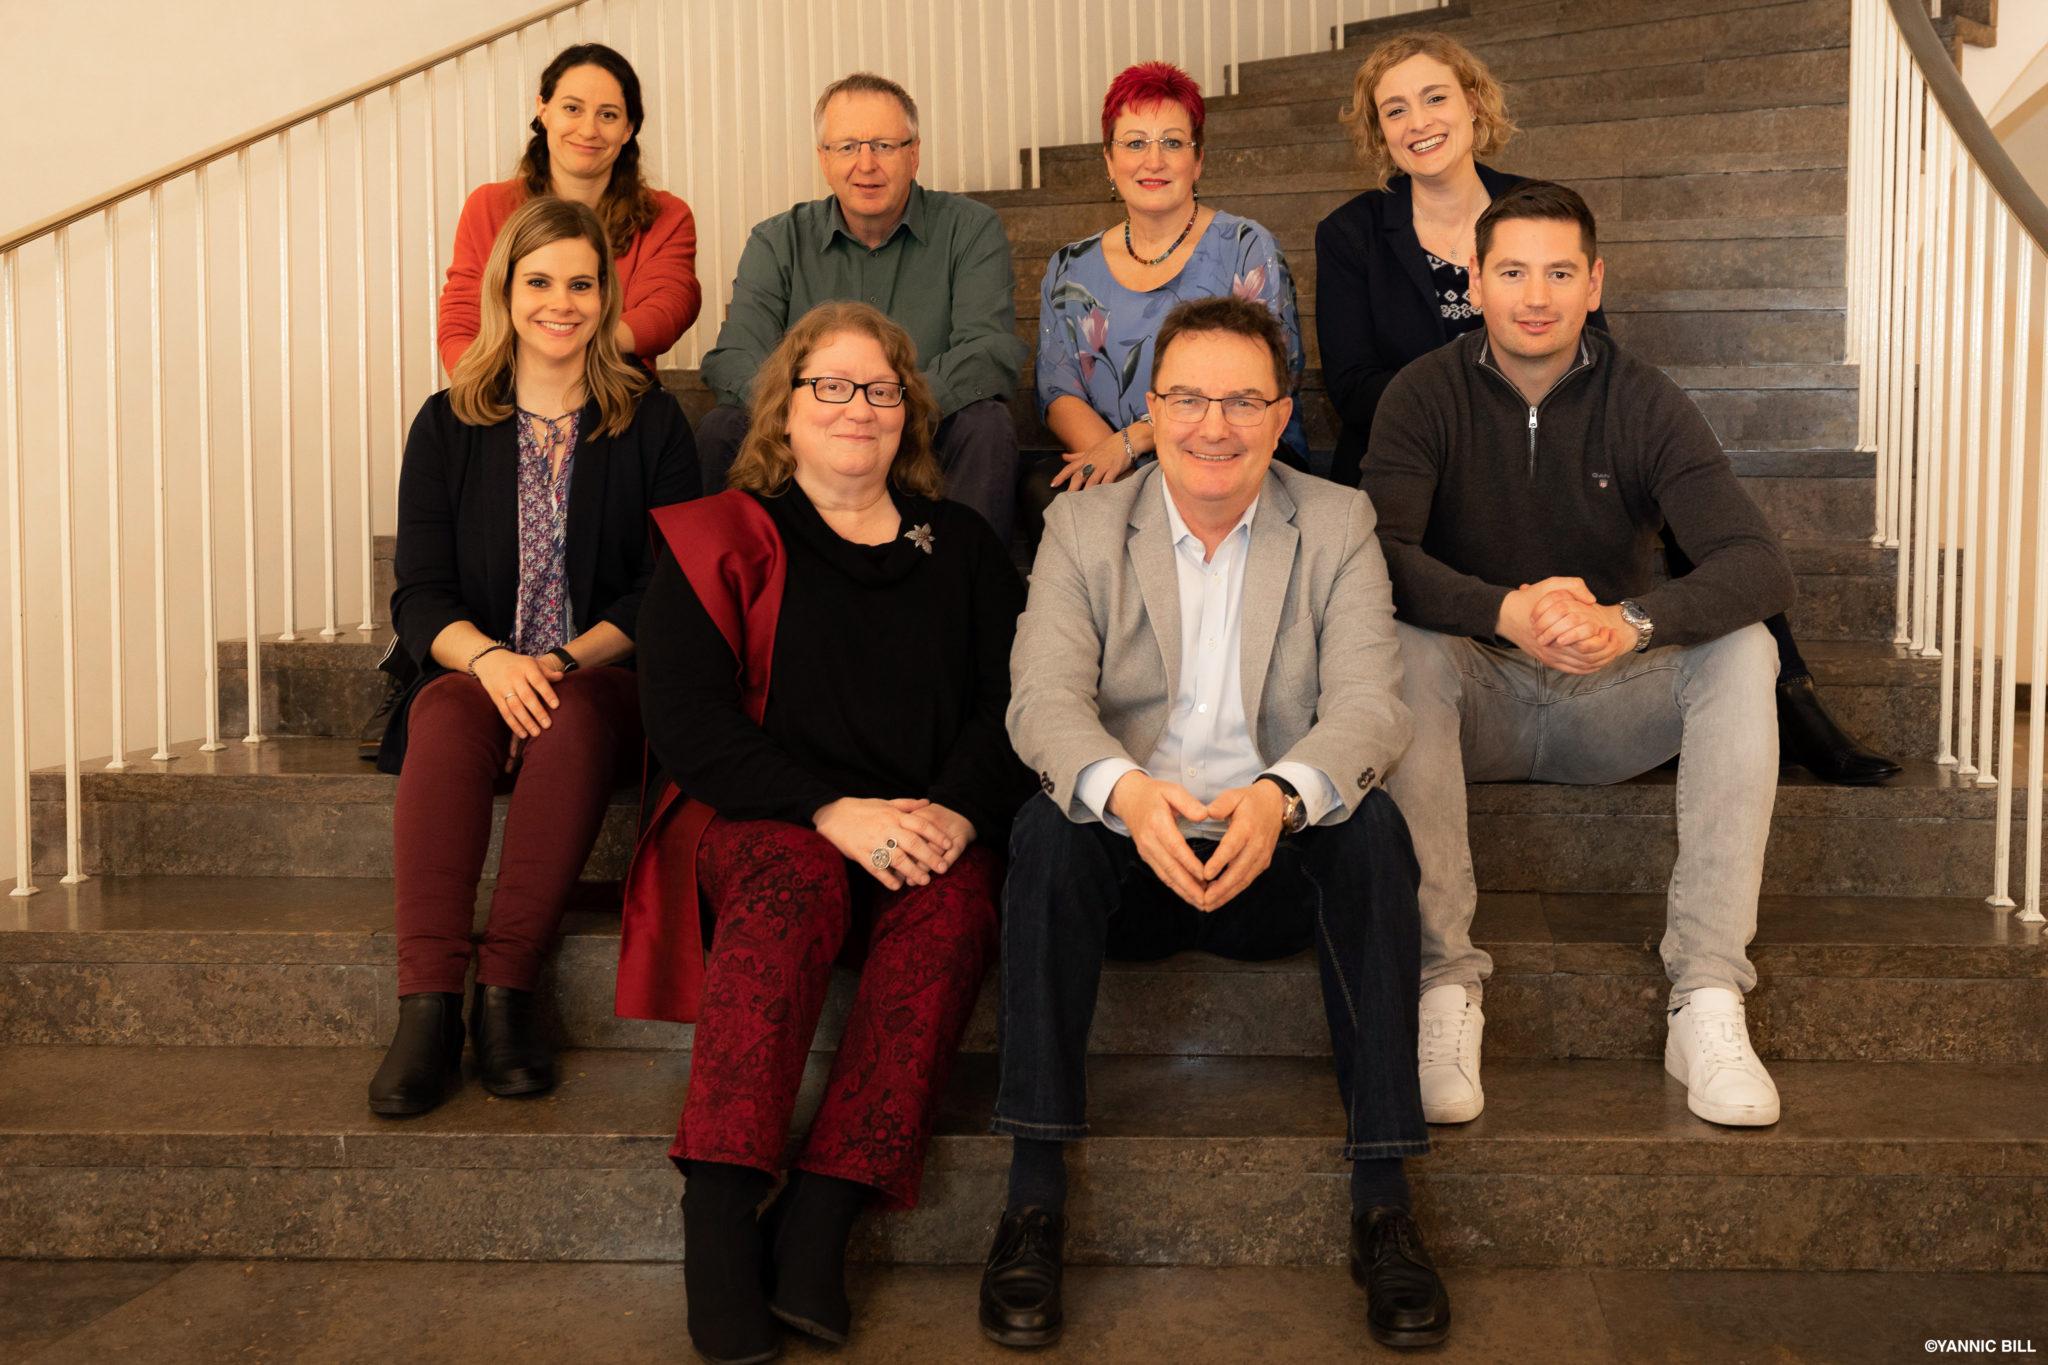 Gruppenbild der Geschäftsstelle der SPD-Fraktion mit allen Mitarbeitern, Stand März 2020